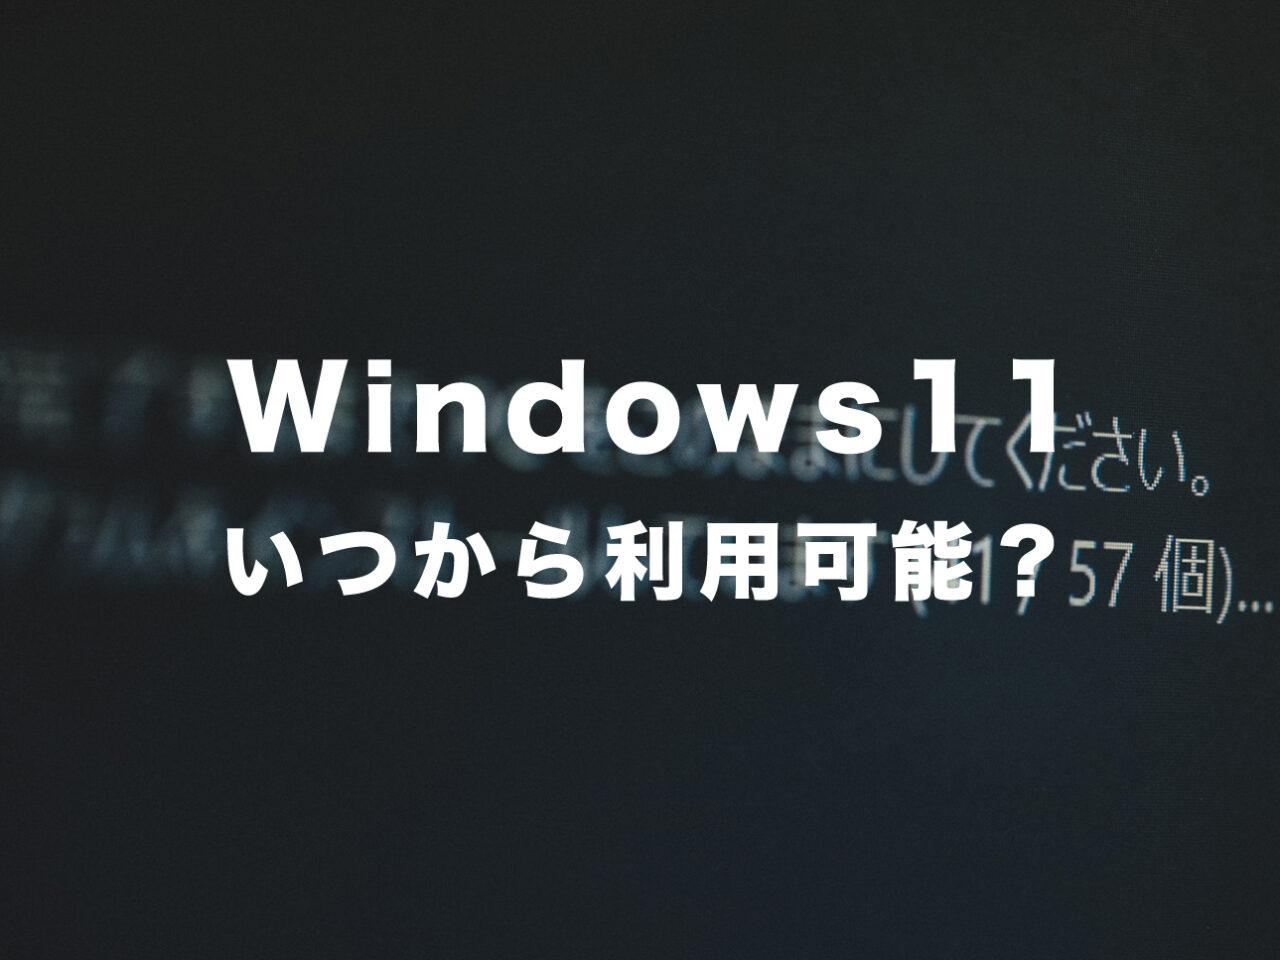 Windows11搭載PC(パソコン)の発売日はいつから?無償アップグレードはできる?のサムネイル画像